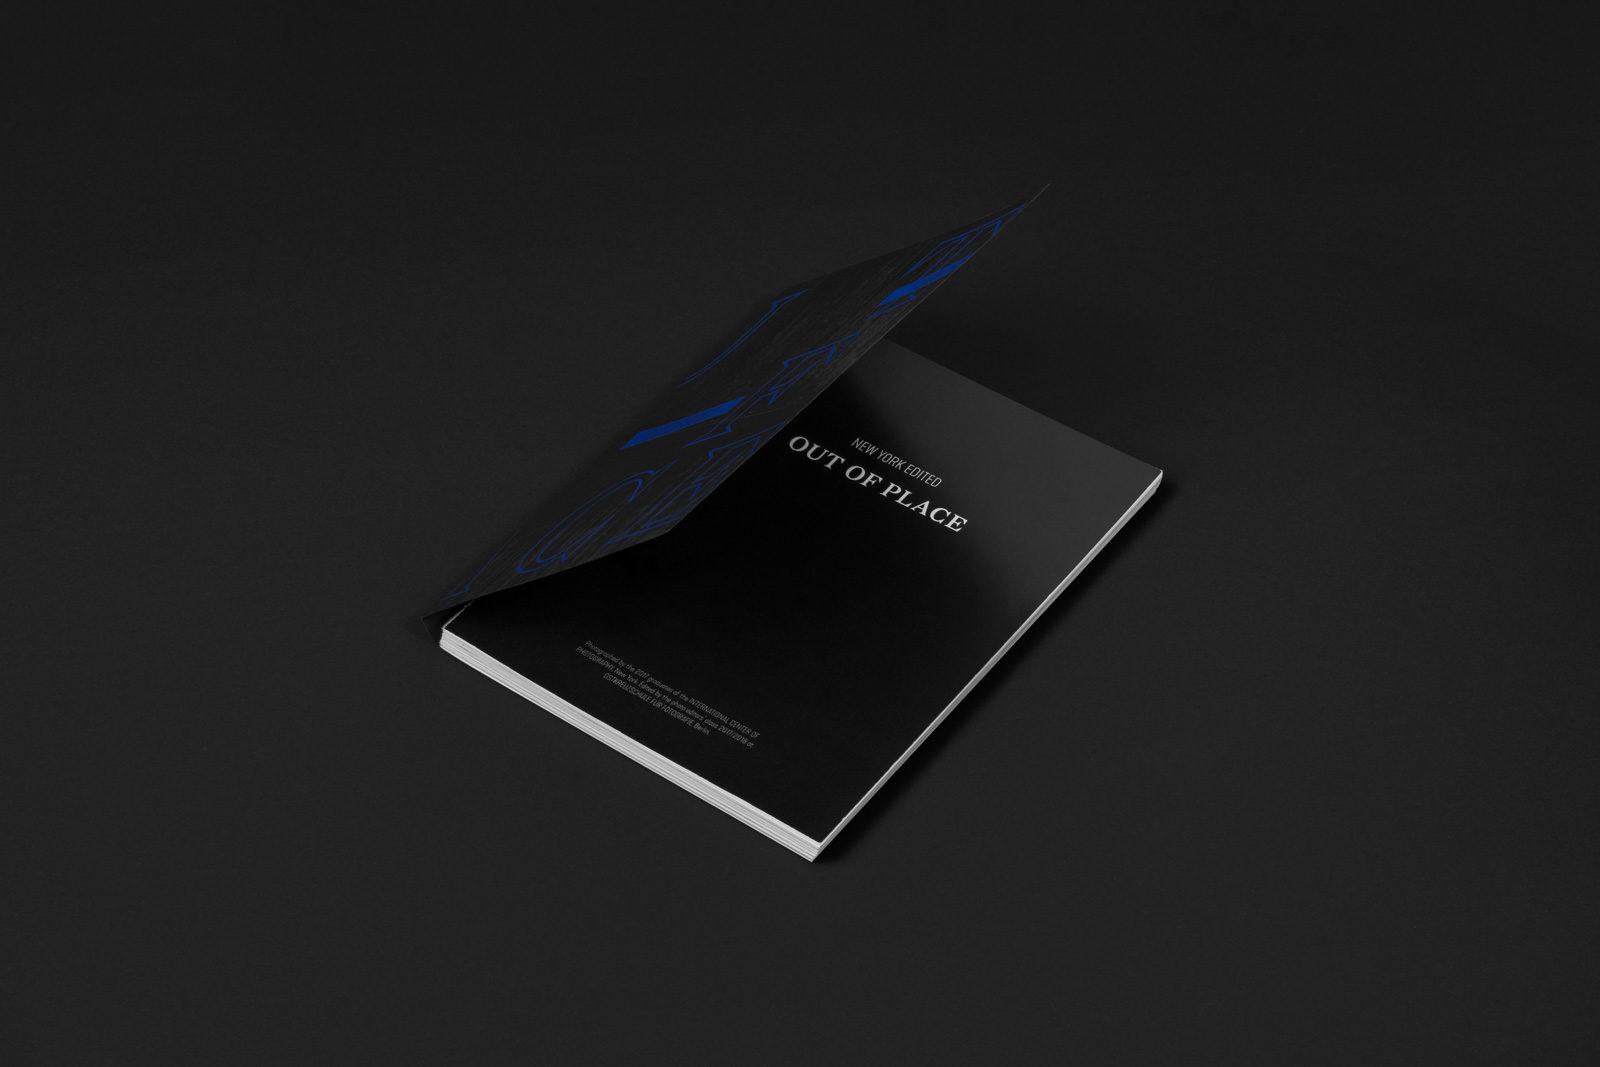 Editienne Grafikdesign - Kommunikationsdesign Berlin- Buchgestaltung und Coverdesign Fotobuch Out of Place 3